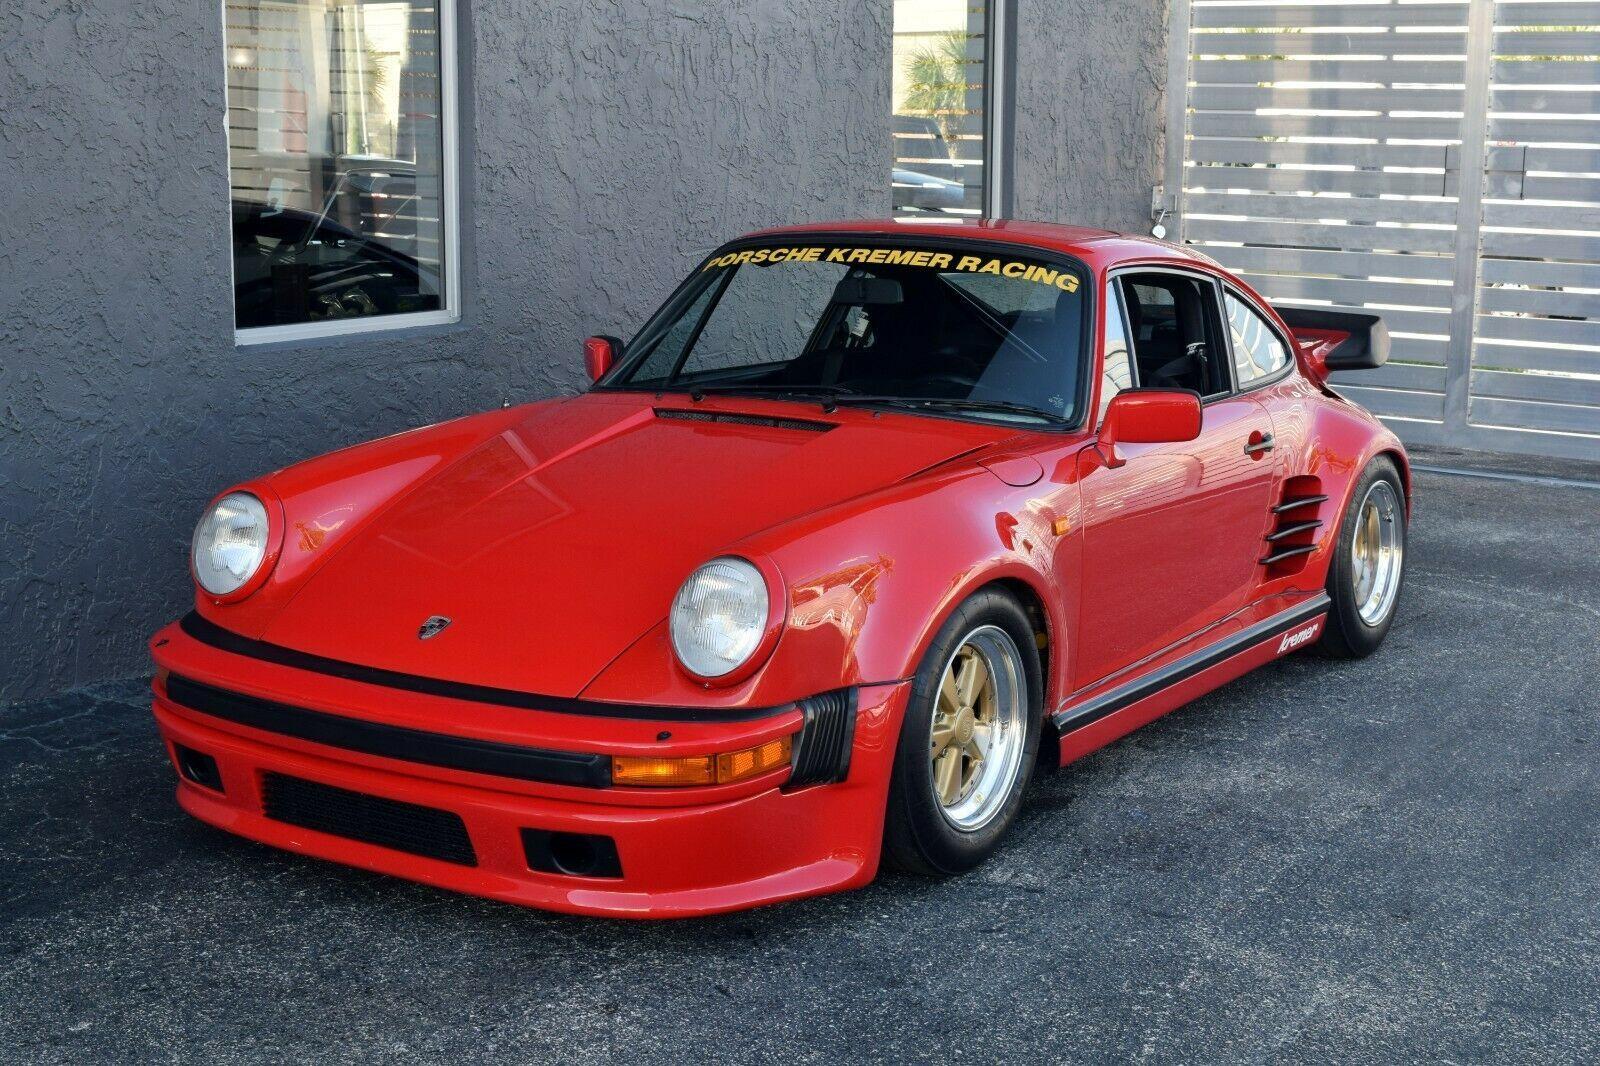 Rare Kremer 911 Is One Of The Raddest 1980s Tuner Porsches Around